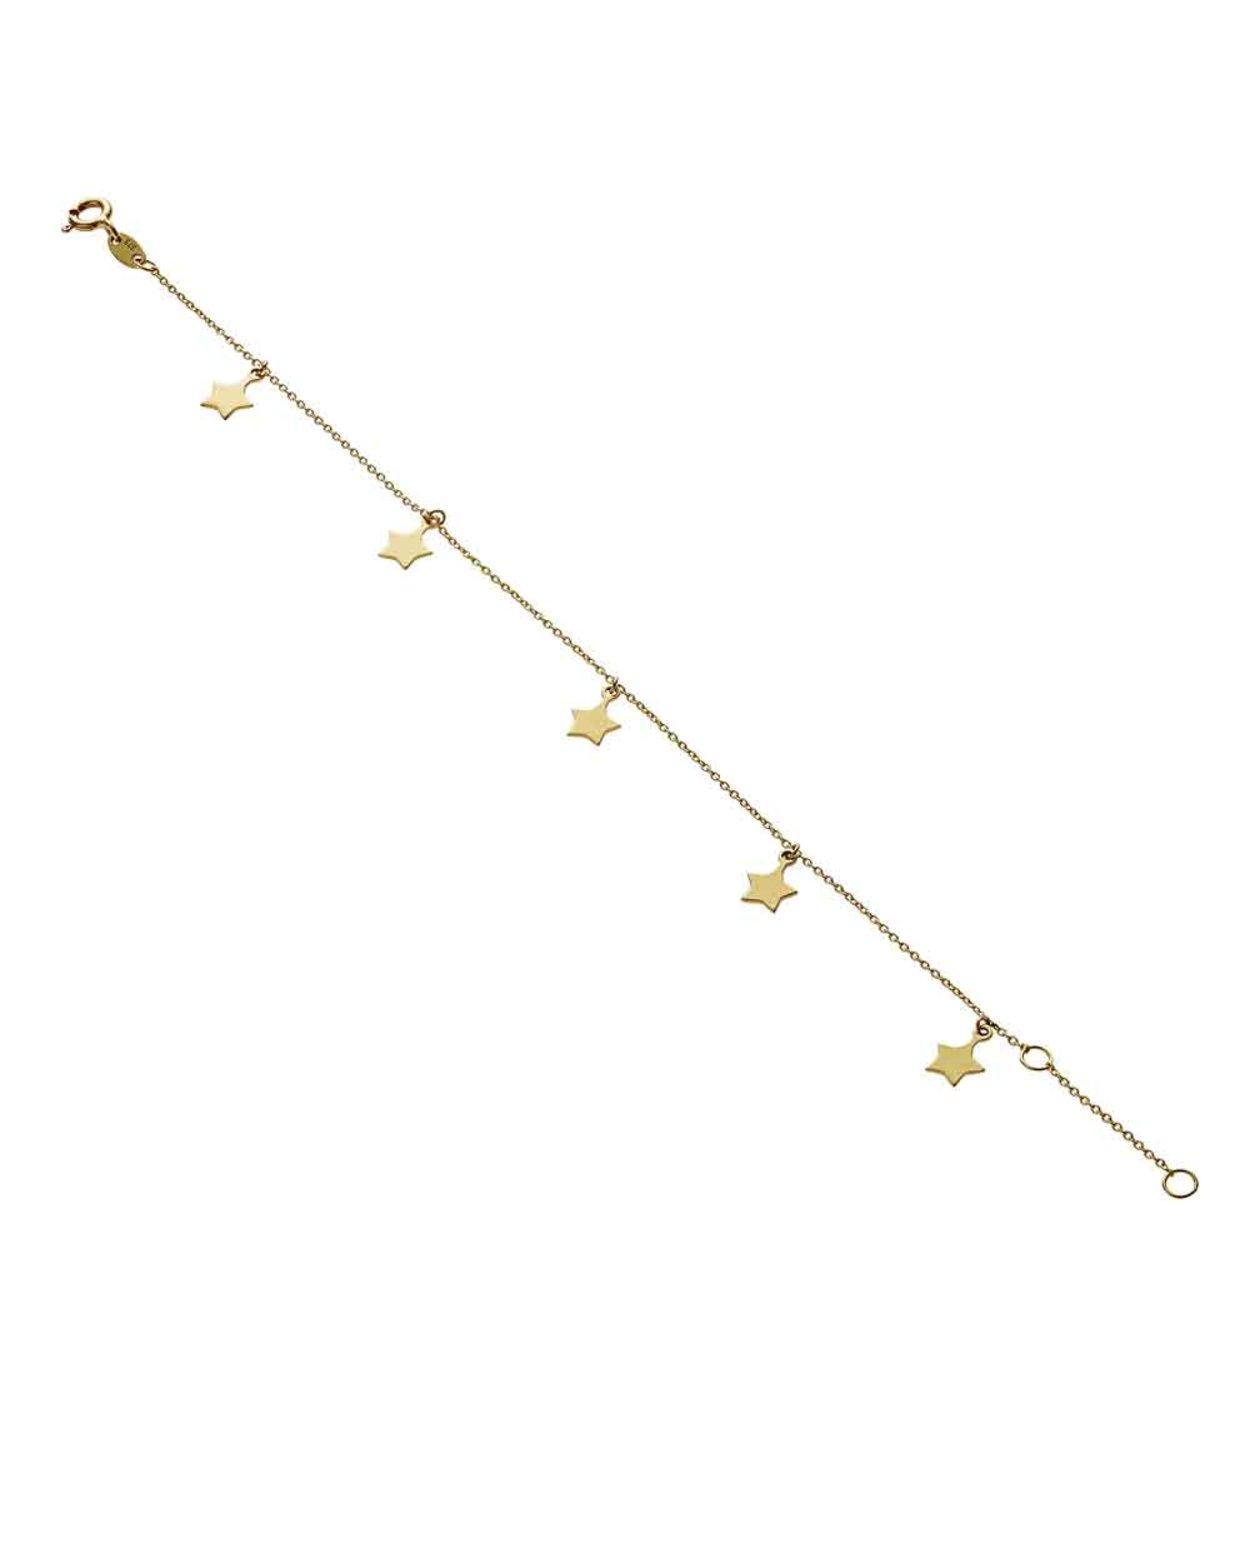 9kt Gold Five Star Bracelet